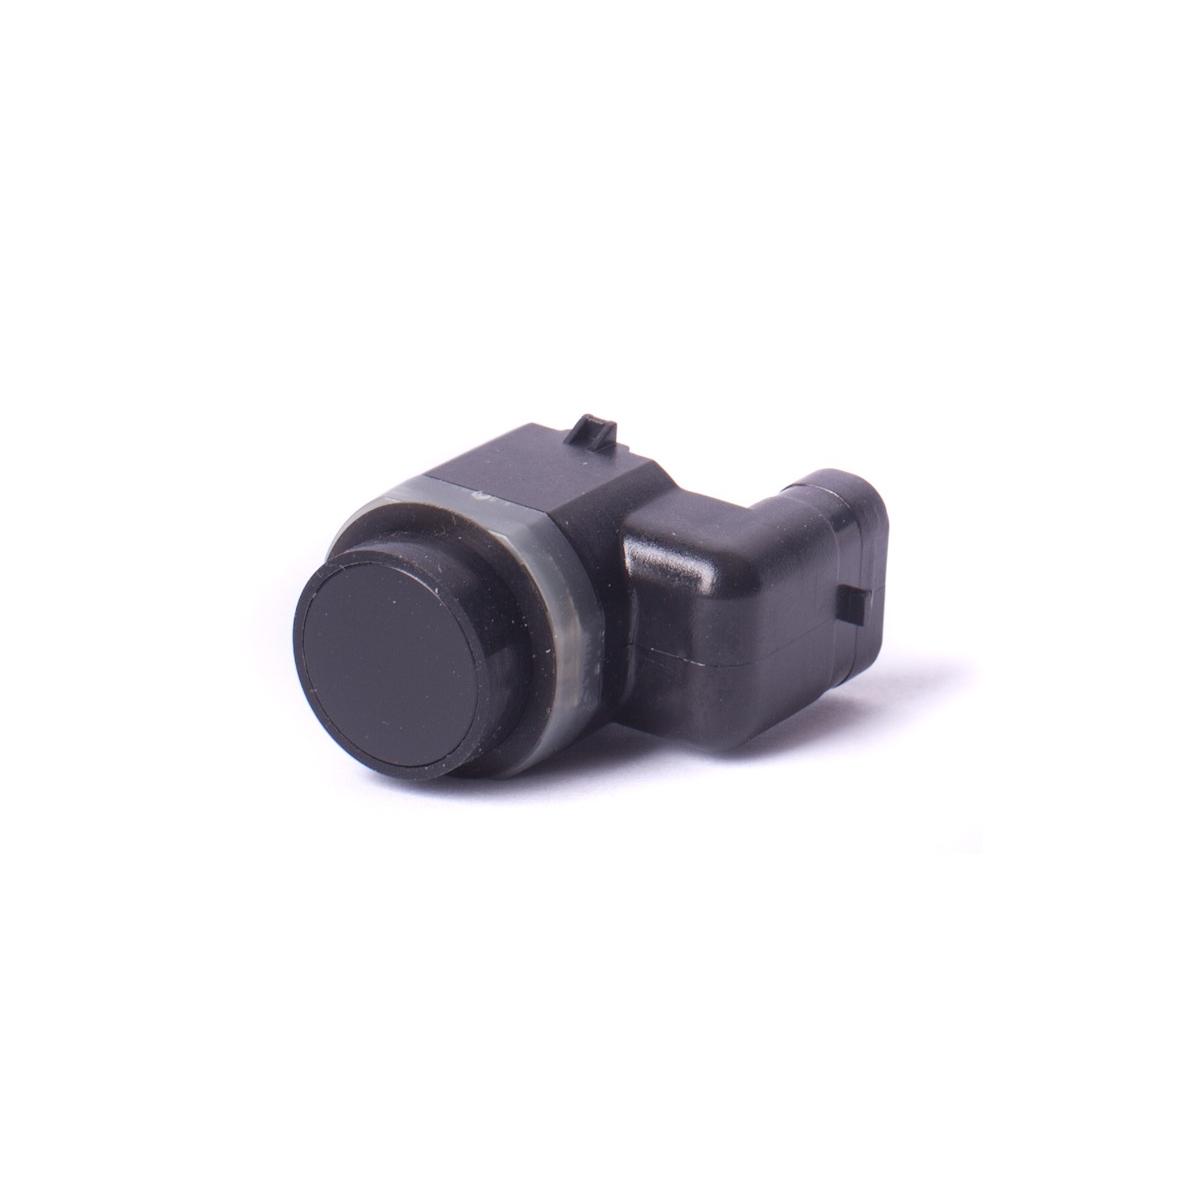 Park sensor 30341632 for Volvo PDC Parktronic